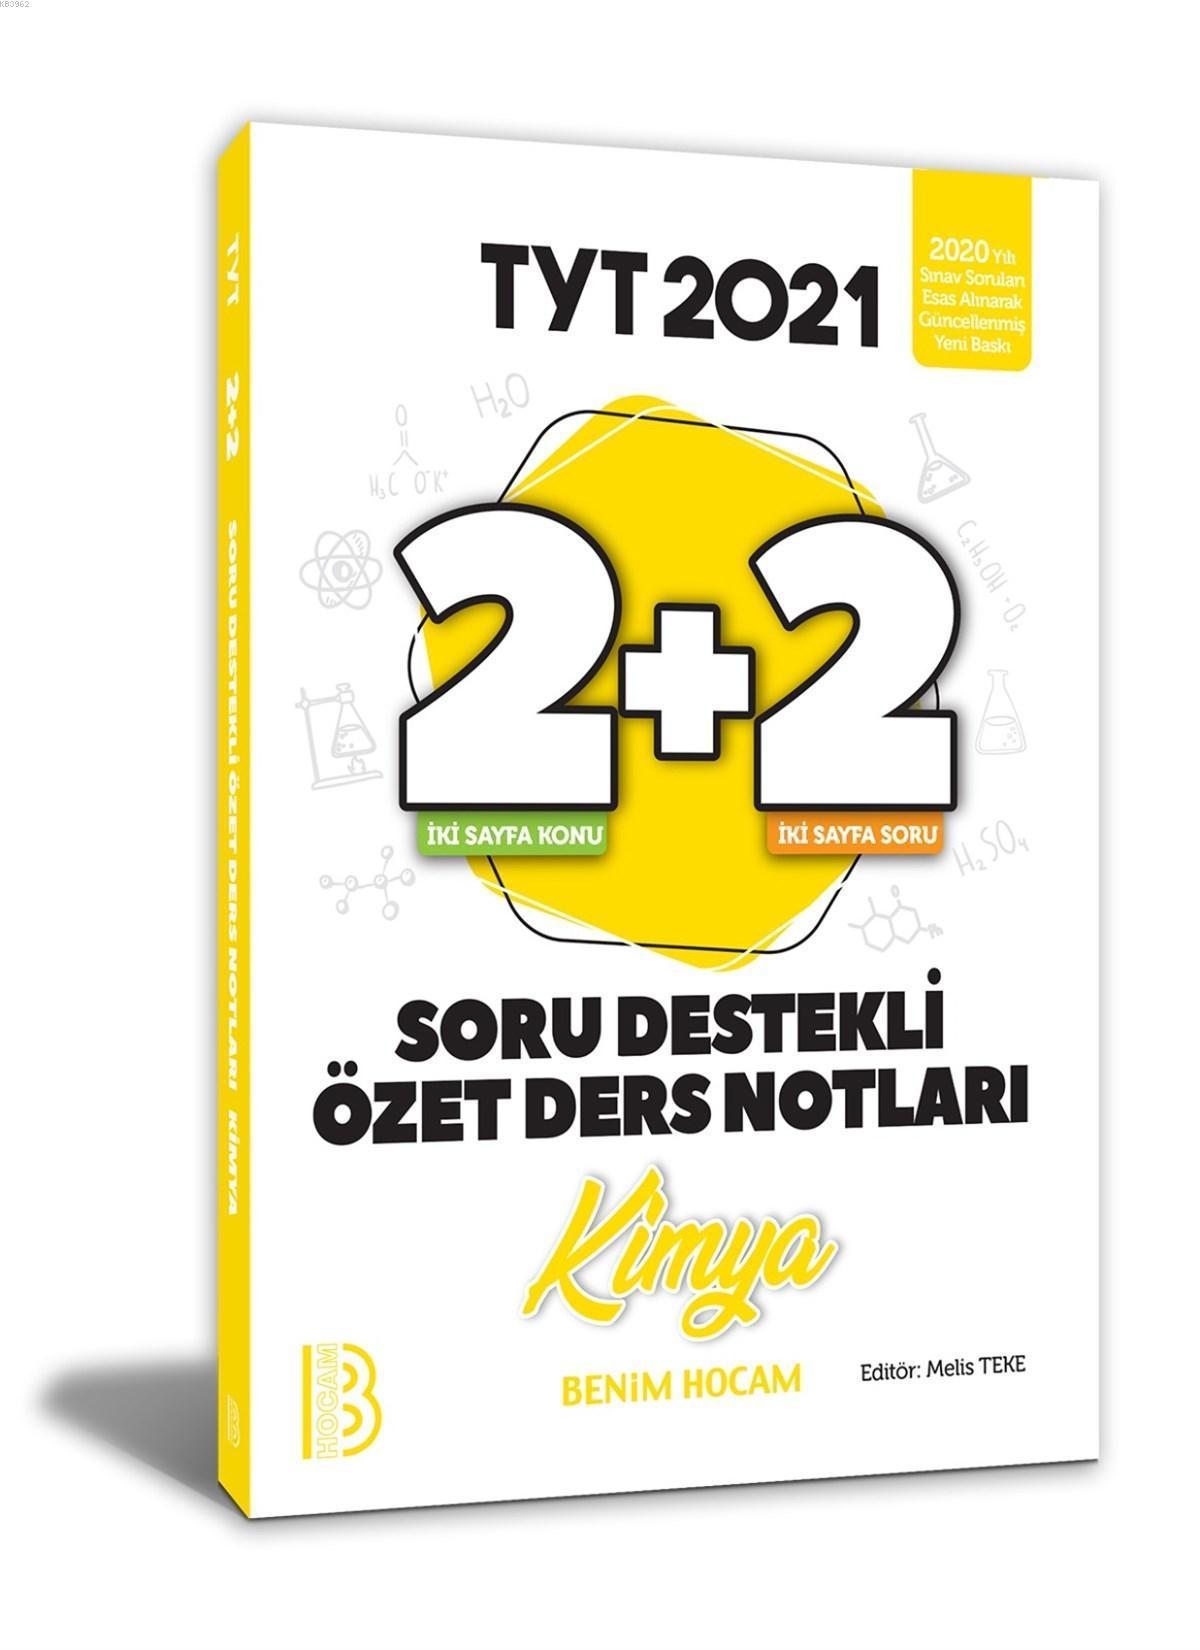 2021 YKS TYT Kimya 2+2 Soru Destekli Özet Ders Notları Benim Hocam Yayınları